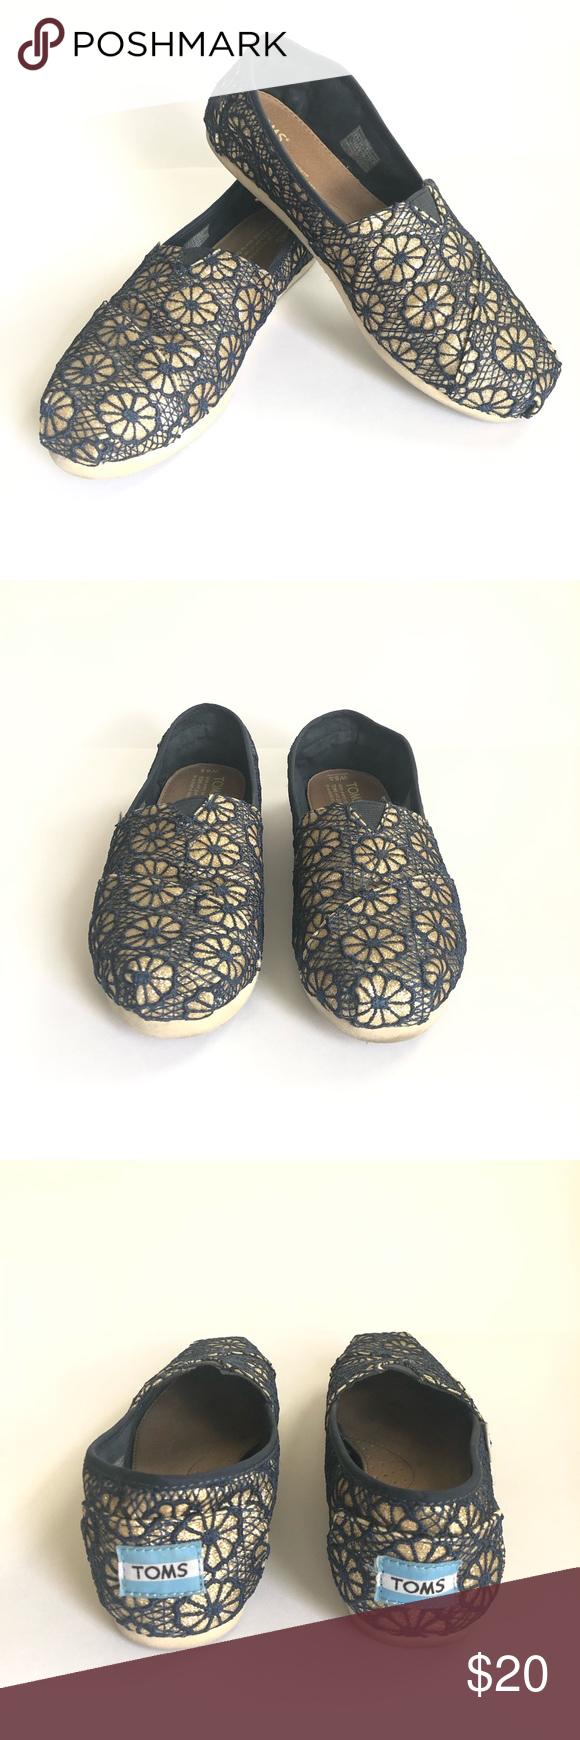 eefd33c88a00 Toms Crochet Glitter Slip On Alpargata Shoes Toms Women s Classic Crochet  Slip On Alpargata Shoe •